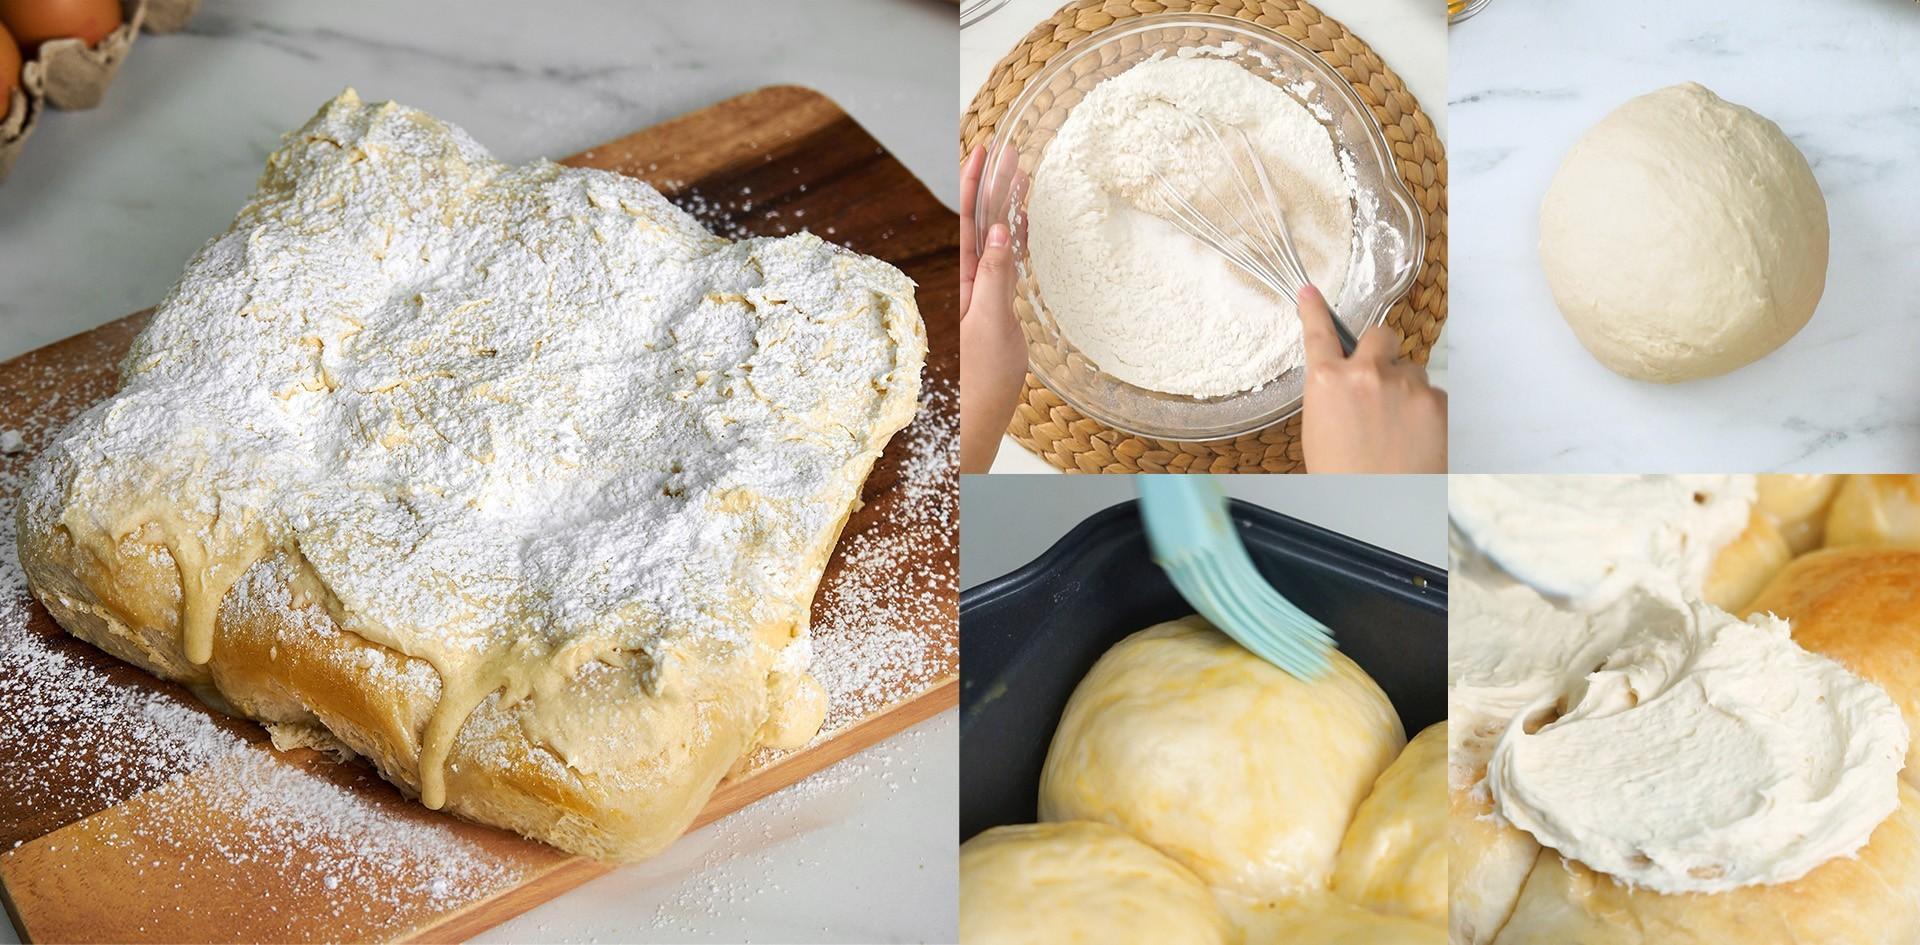 """วิธีทำ """"ขนมปังนมสด"""" เมนูขนมปังเนื้อนุ่ม หวานหอม ไส้เยิ้ม!"""